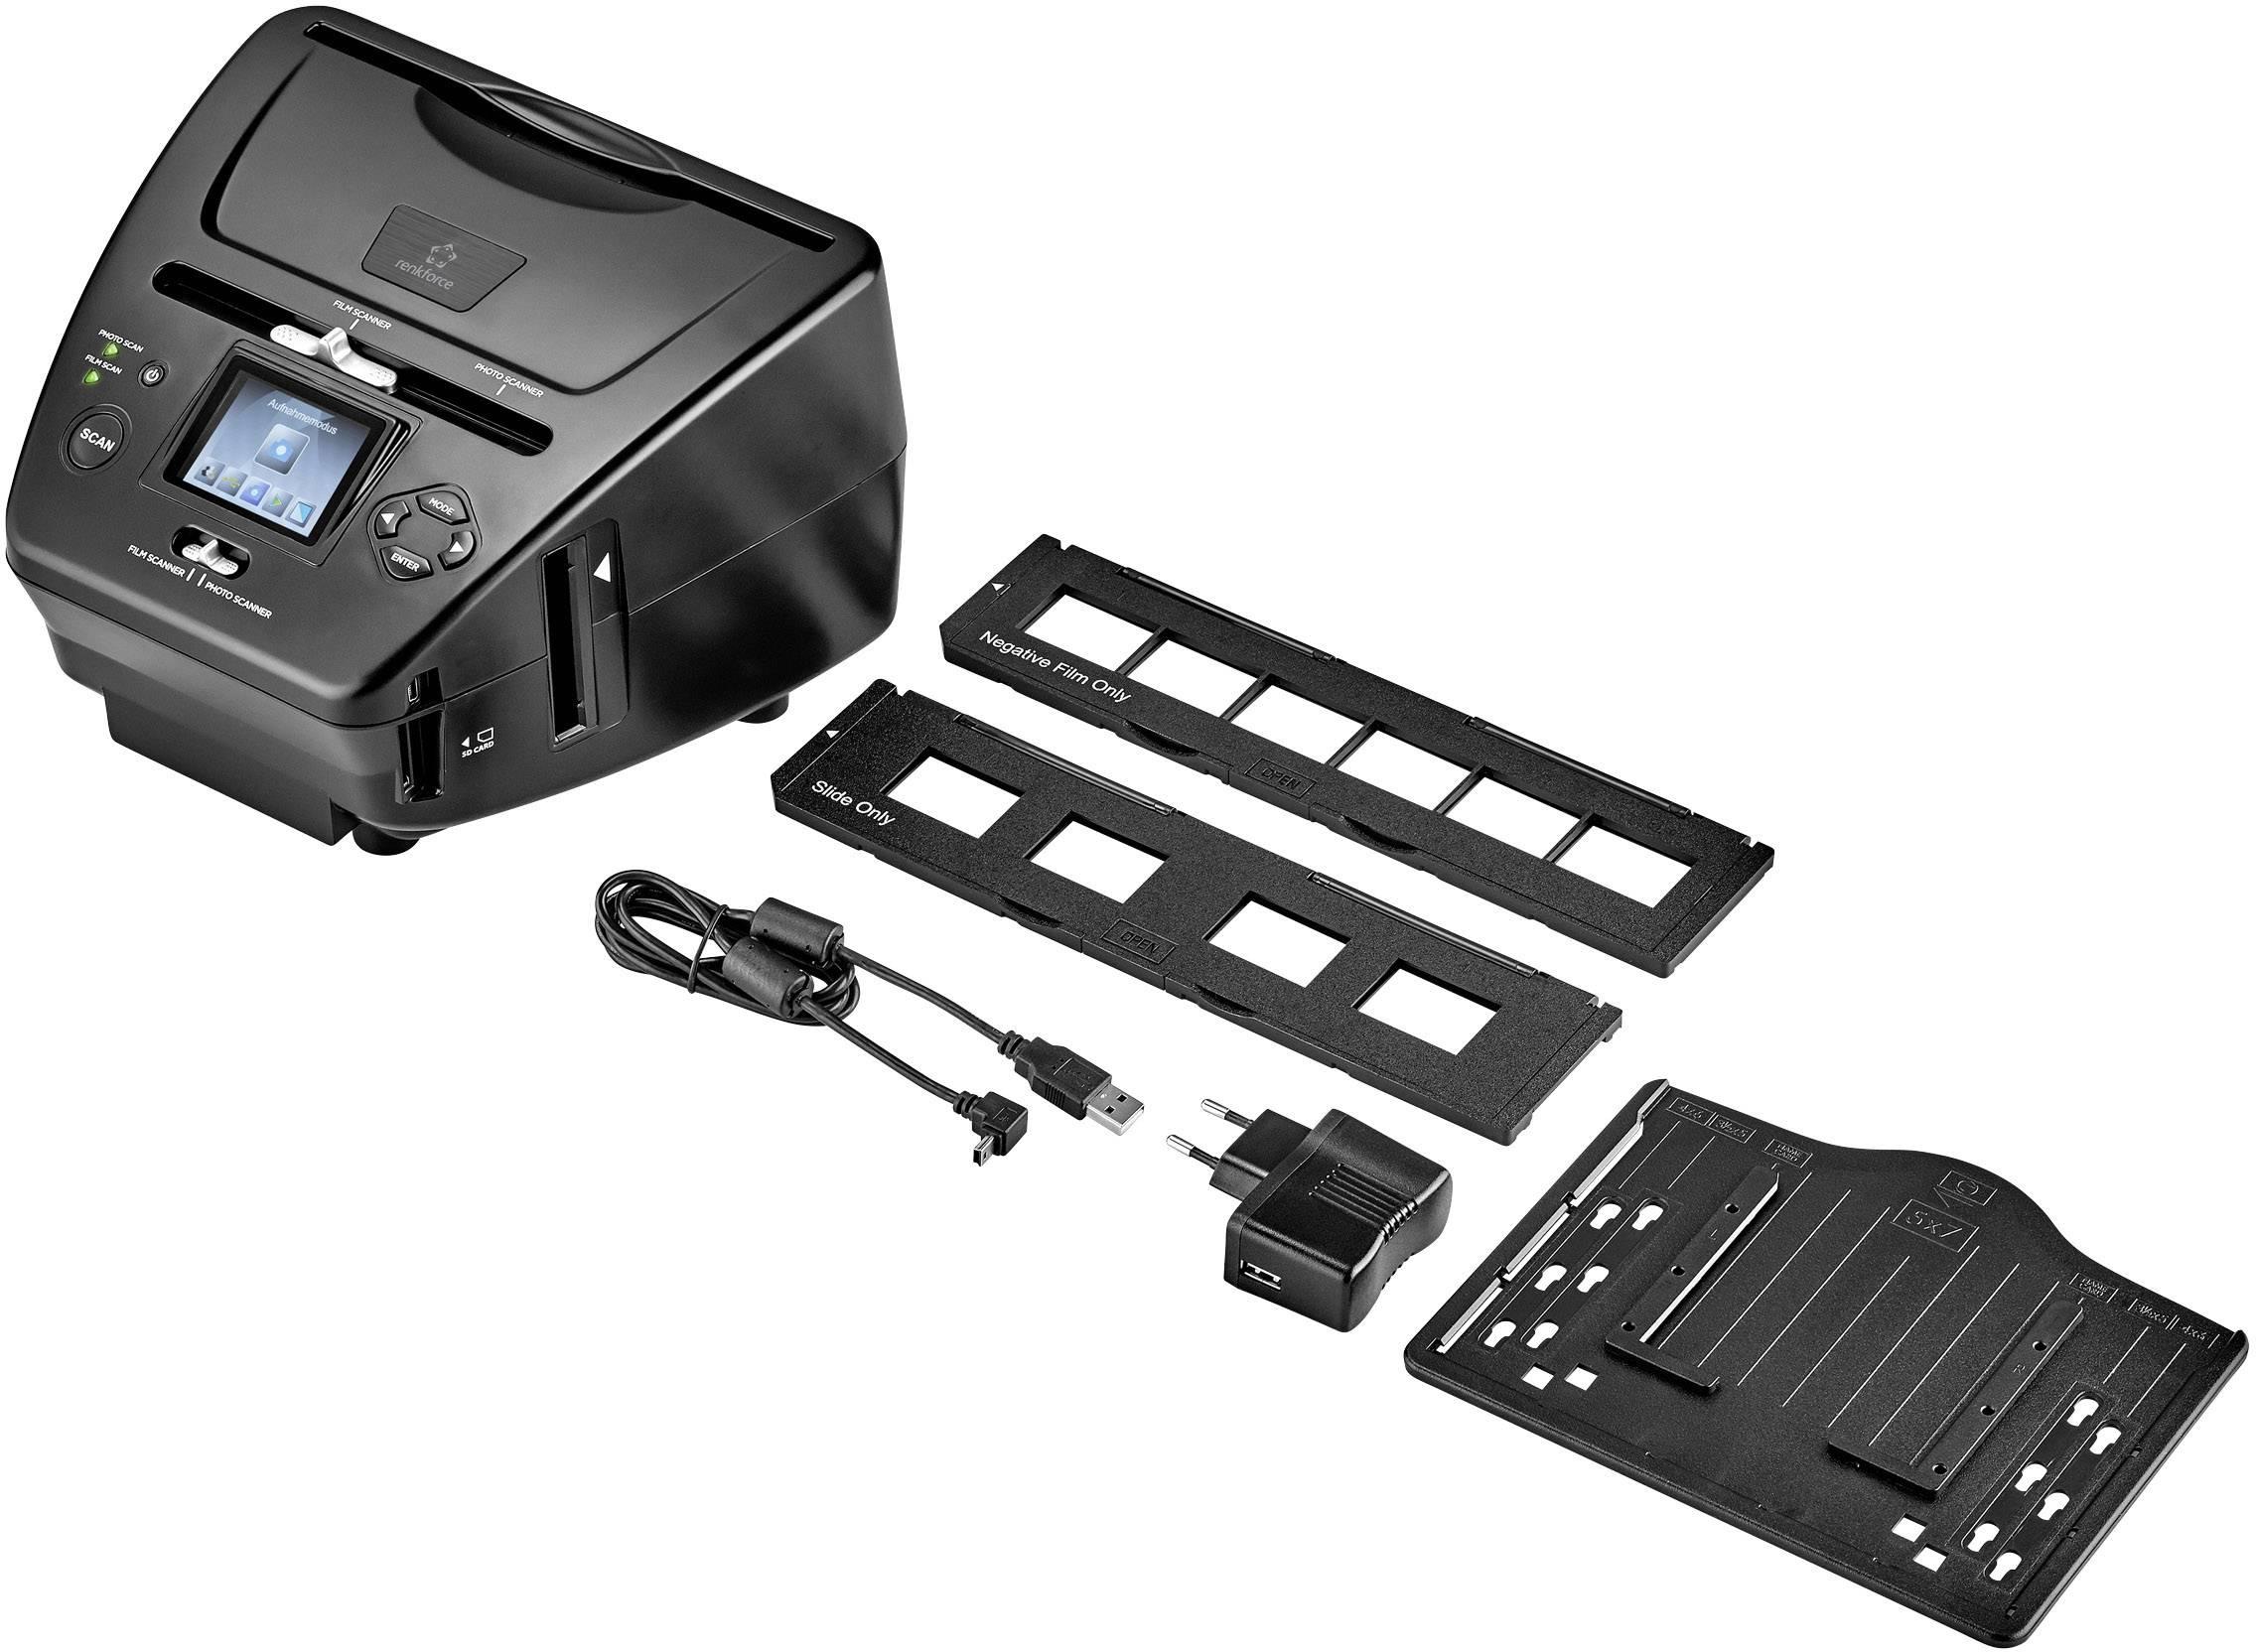 QUEENBACK LED Ricaricabile Magnetico Rotondi Torcia Manuale Lampada DIspezione Cordless Faretto da Lavoro Attrezzo